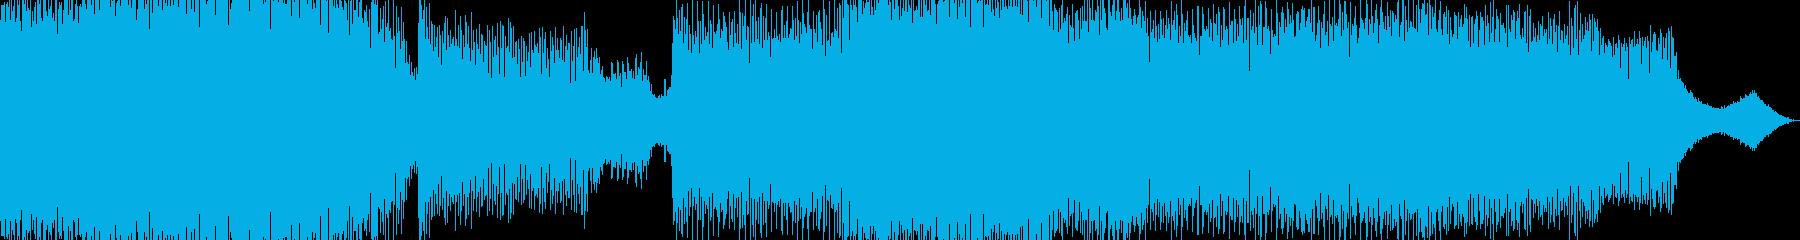 【トランス】疾走感があるかっこいい一曲の再生済みの波形